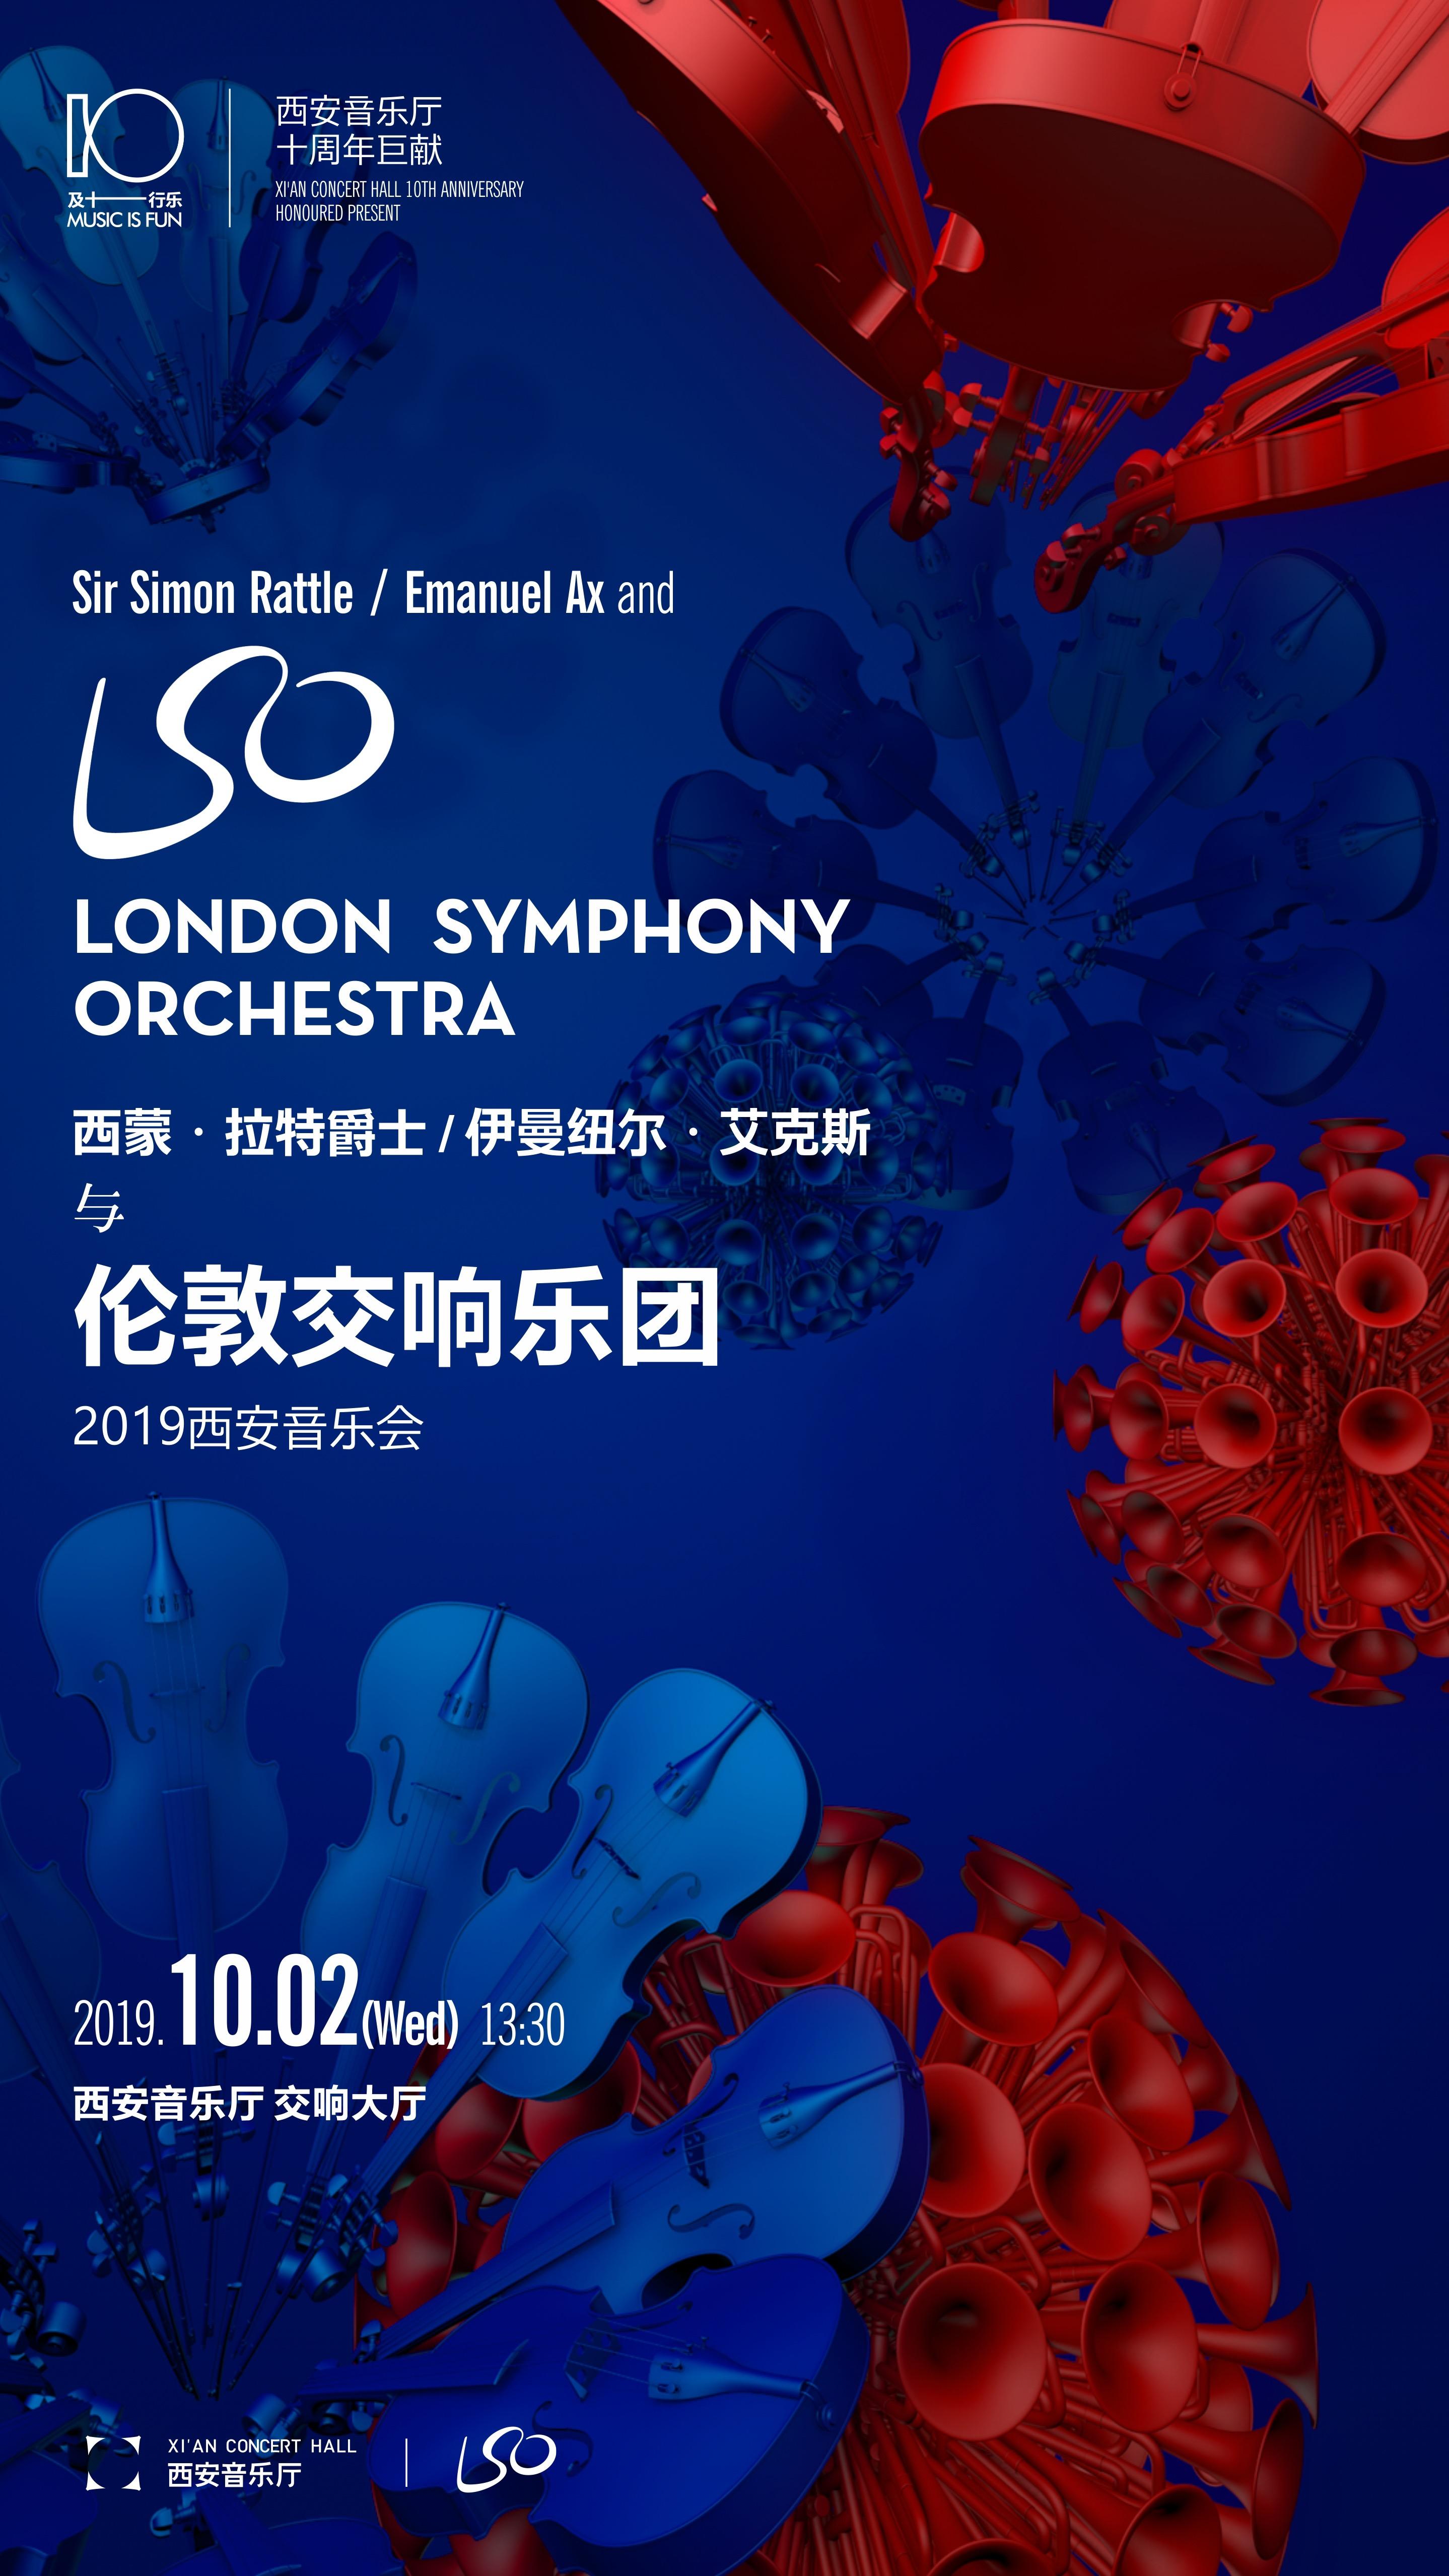 西蒙·拉特爵士、伊曼纽尔·艾克斯与伦敦交响乐团2019西安音乐会